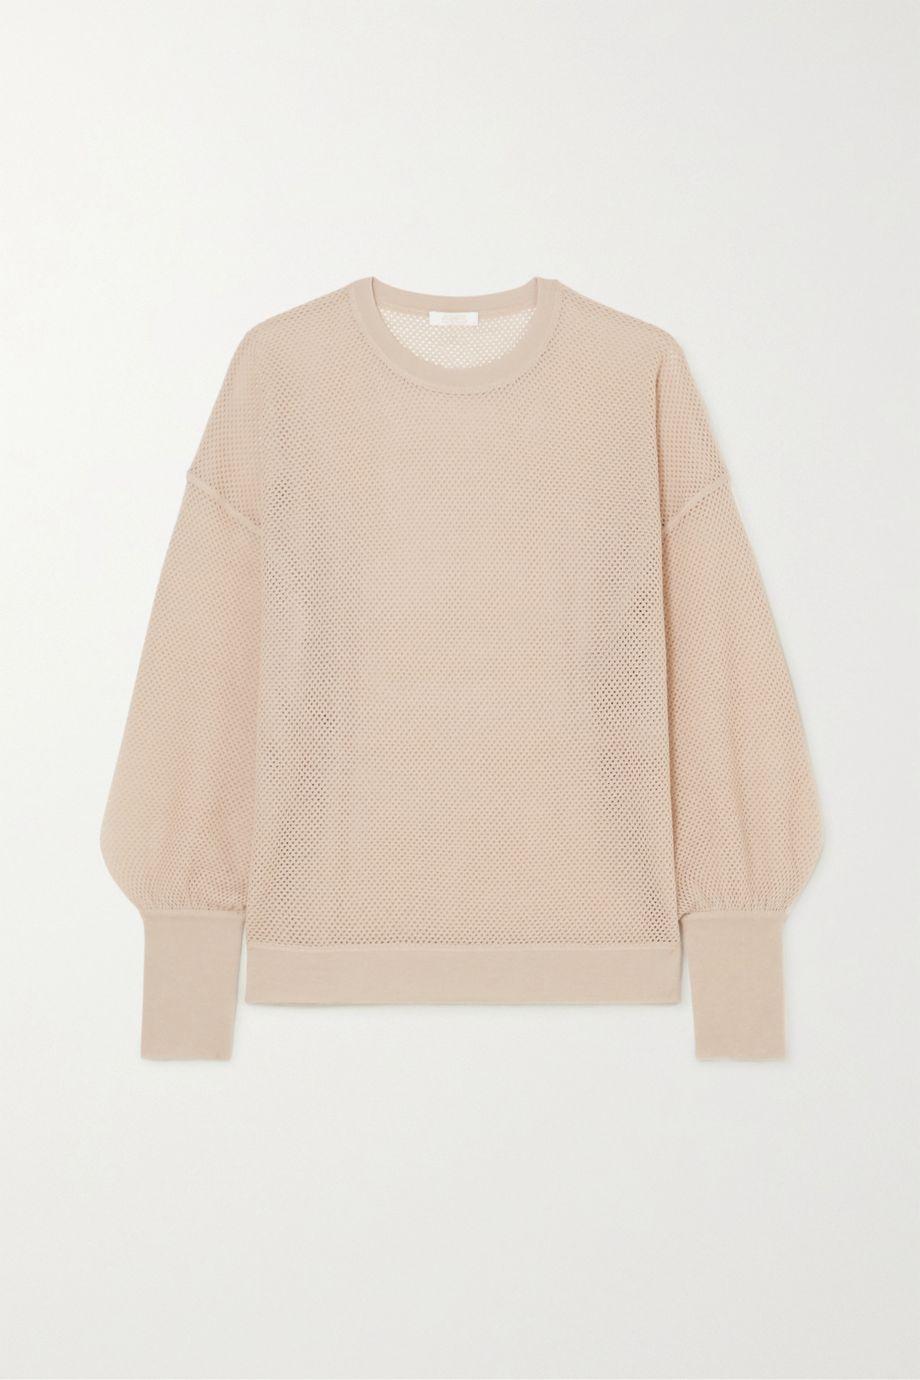 Eres Futile open-knit cashmere sweatshirt